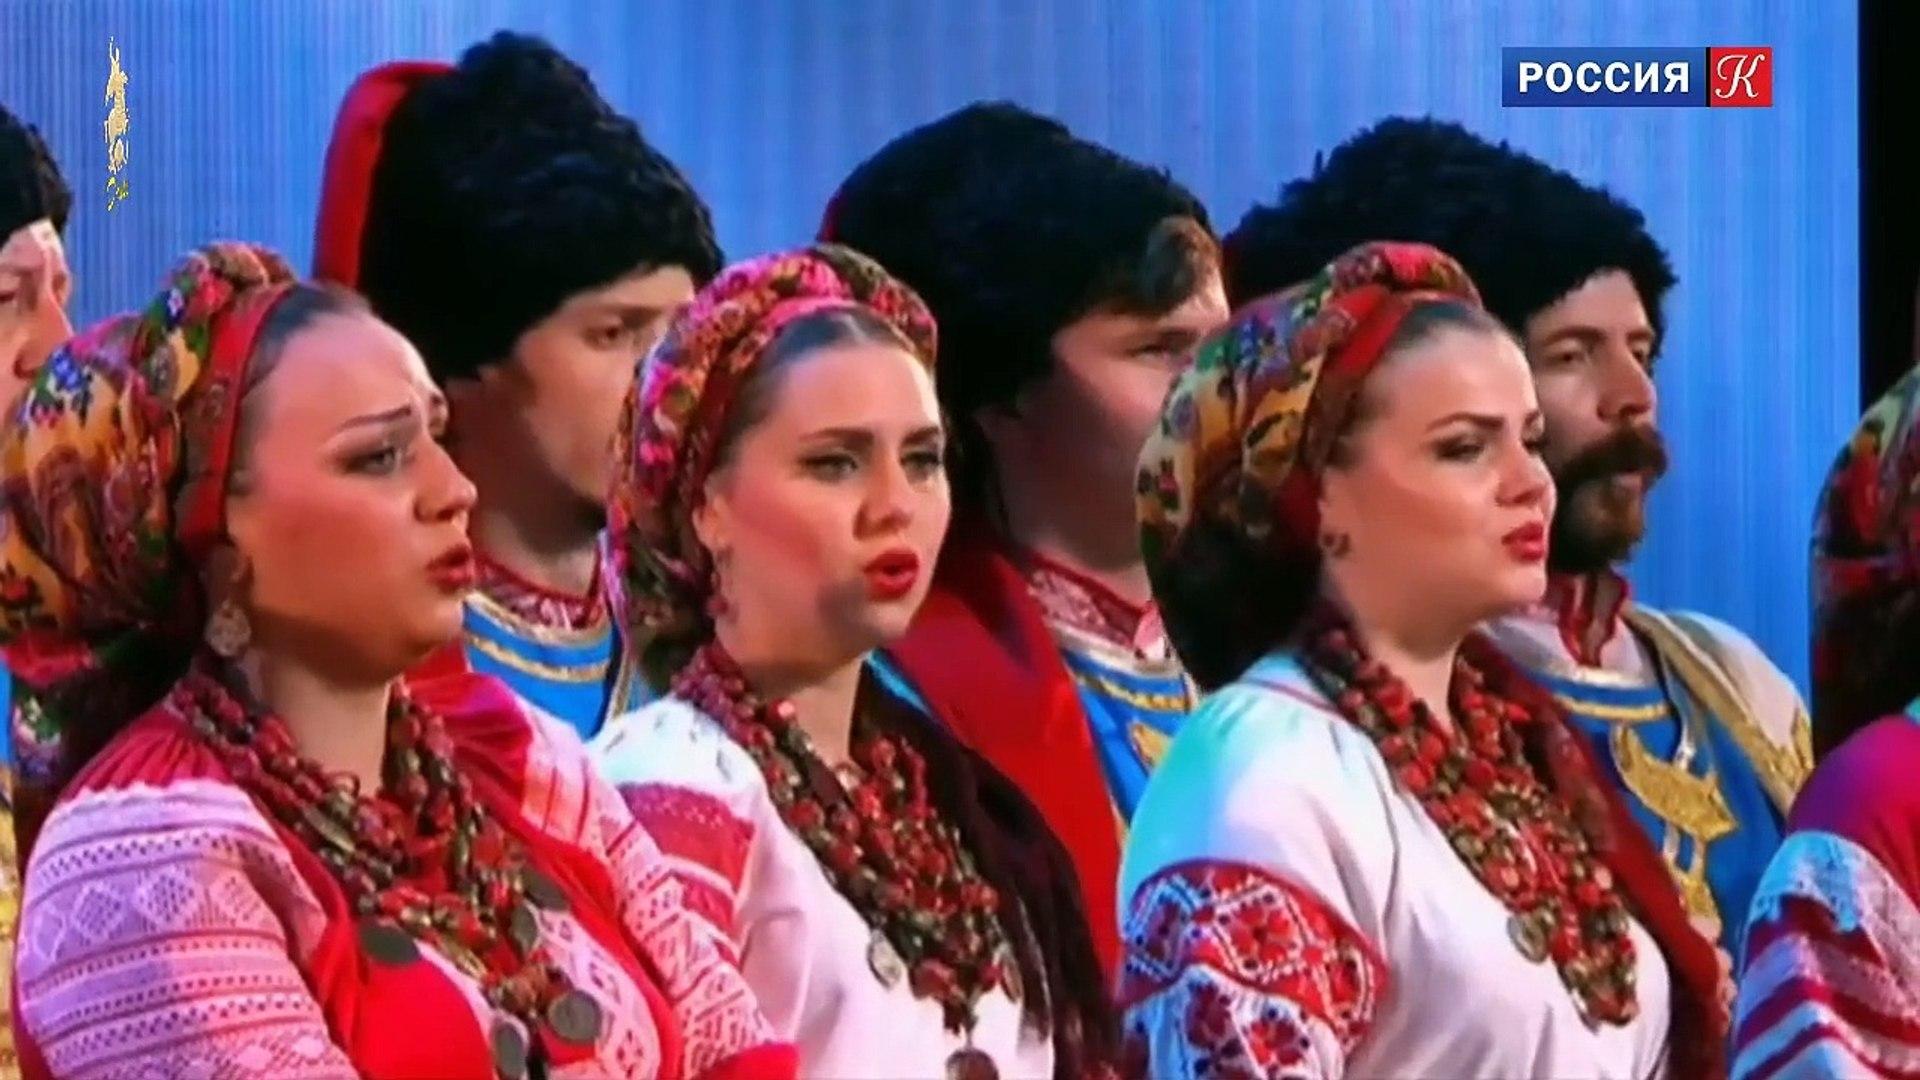 Казаки Российской империи - Кубанский казачий хор (2016) (Part 1)